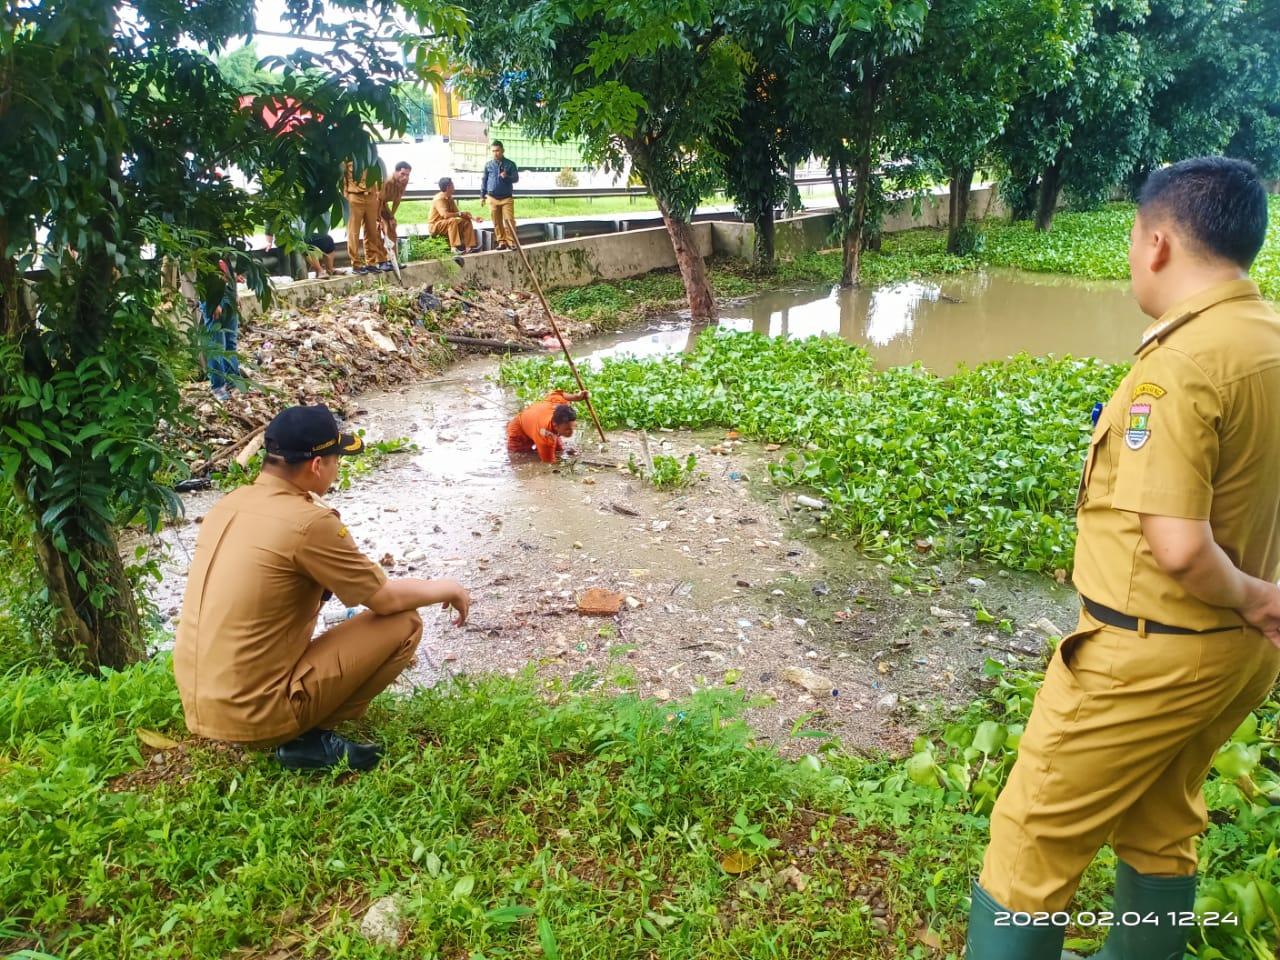 Camat Curug Supriyadi didampingi Kepala Desa Kadu M. Asdiansyah saat meninjau lokasi penampungan air di pinggir tol Tangerang, area gerbang tol Bitung, Selasa (4/2/2020).